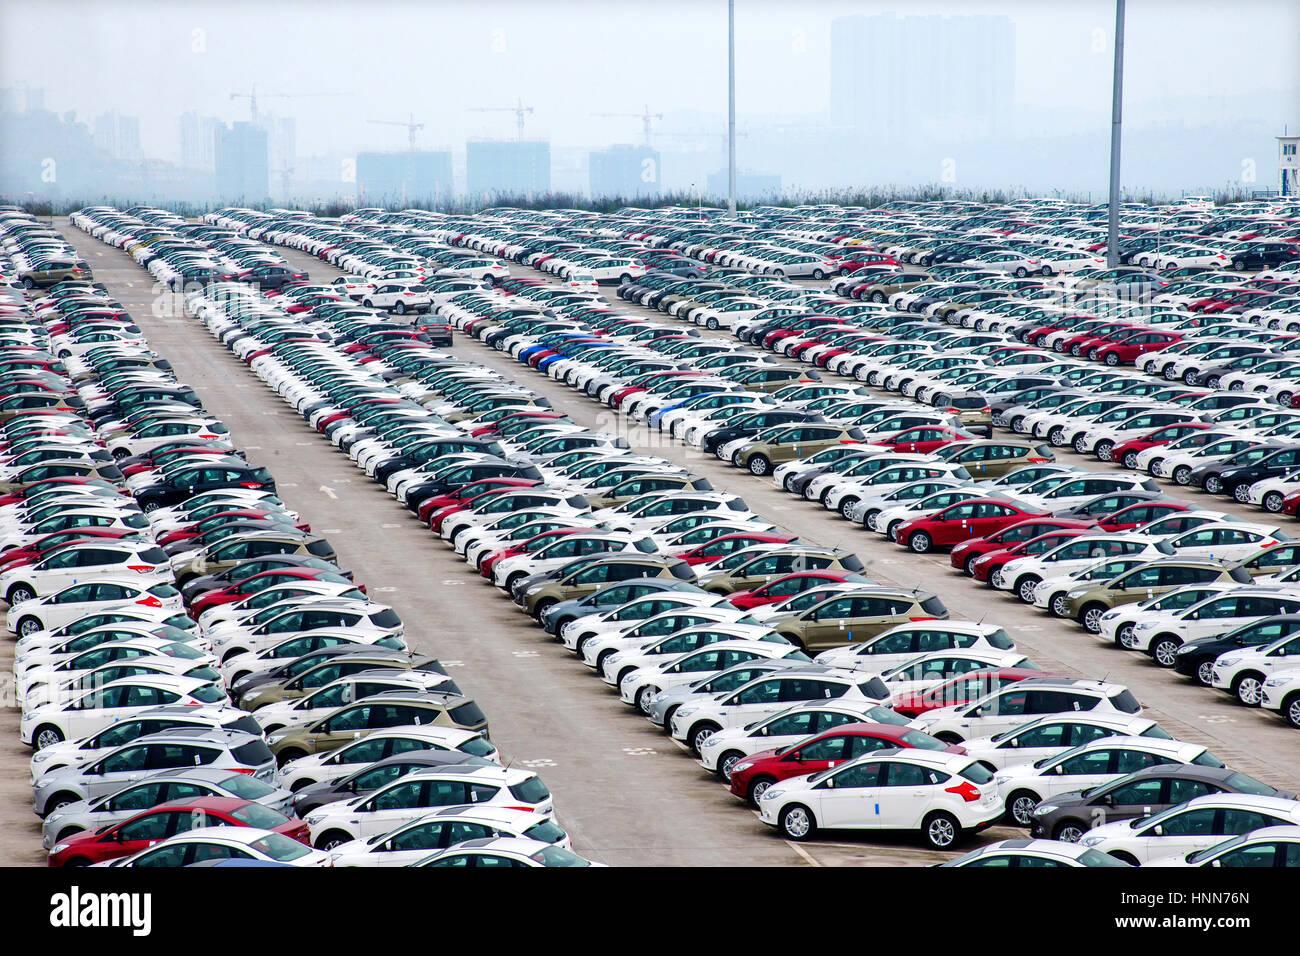 Car parking lot - Stock Image